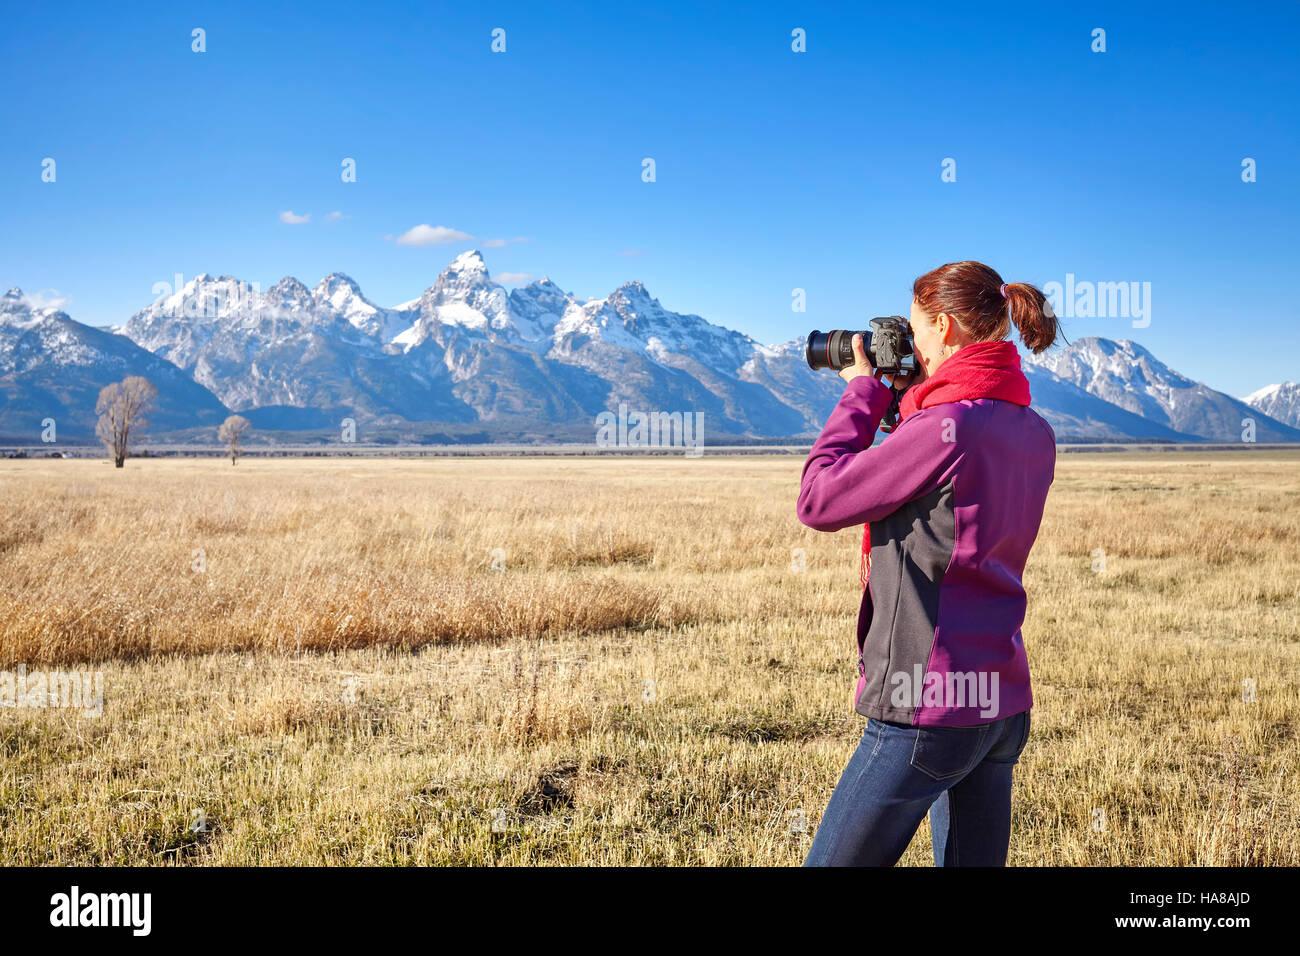 Colocar hembra excursionista tomar fotografías con la cámara DSLR en el parque nacional Grand Teton, Wyoming, Imagen De Stock